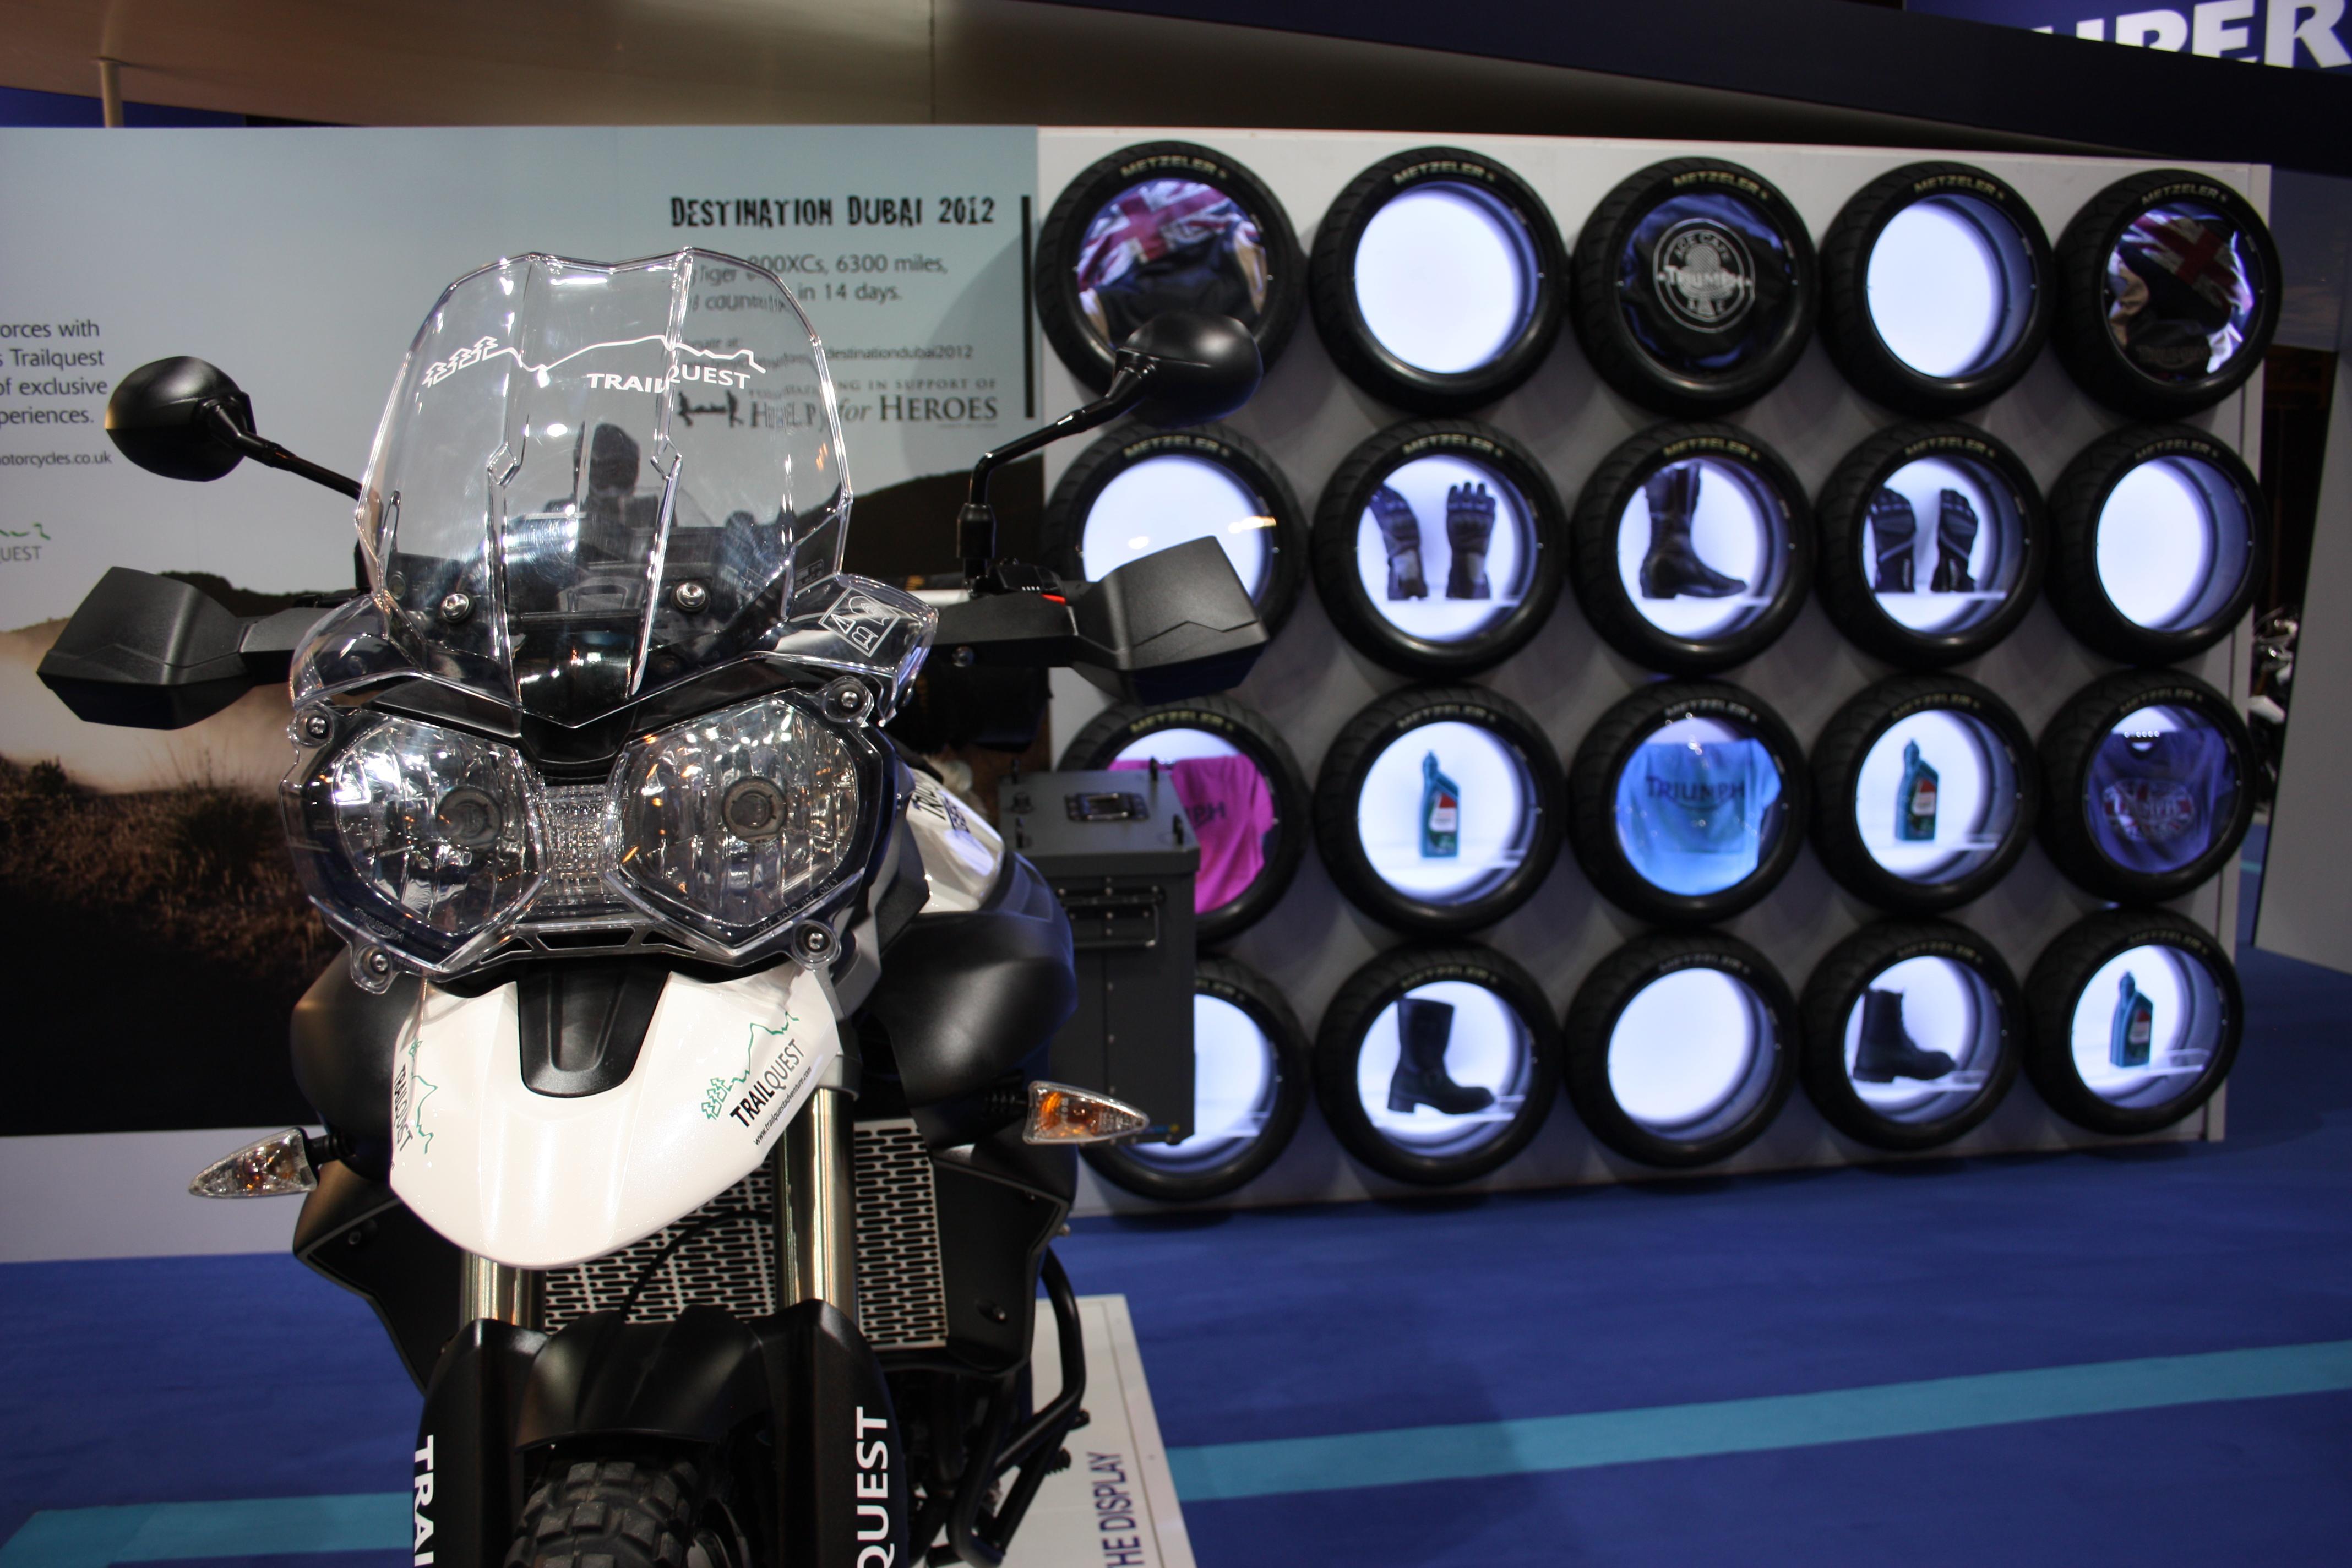 NEC bike show 2012 cannon pics 016